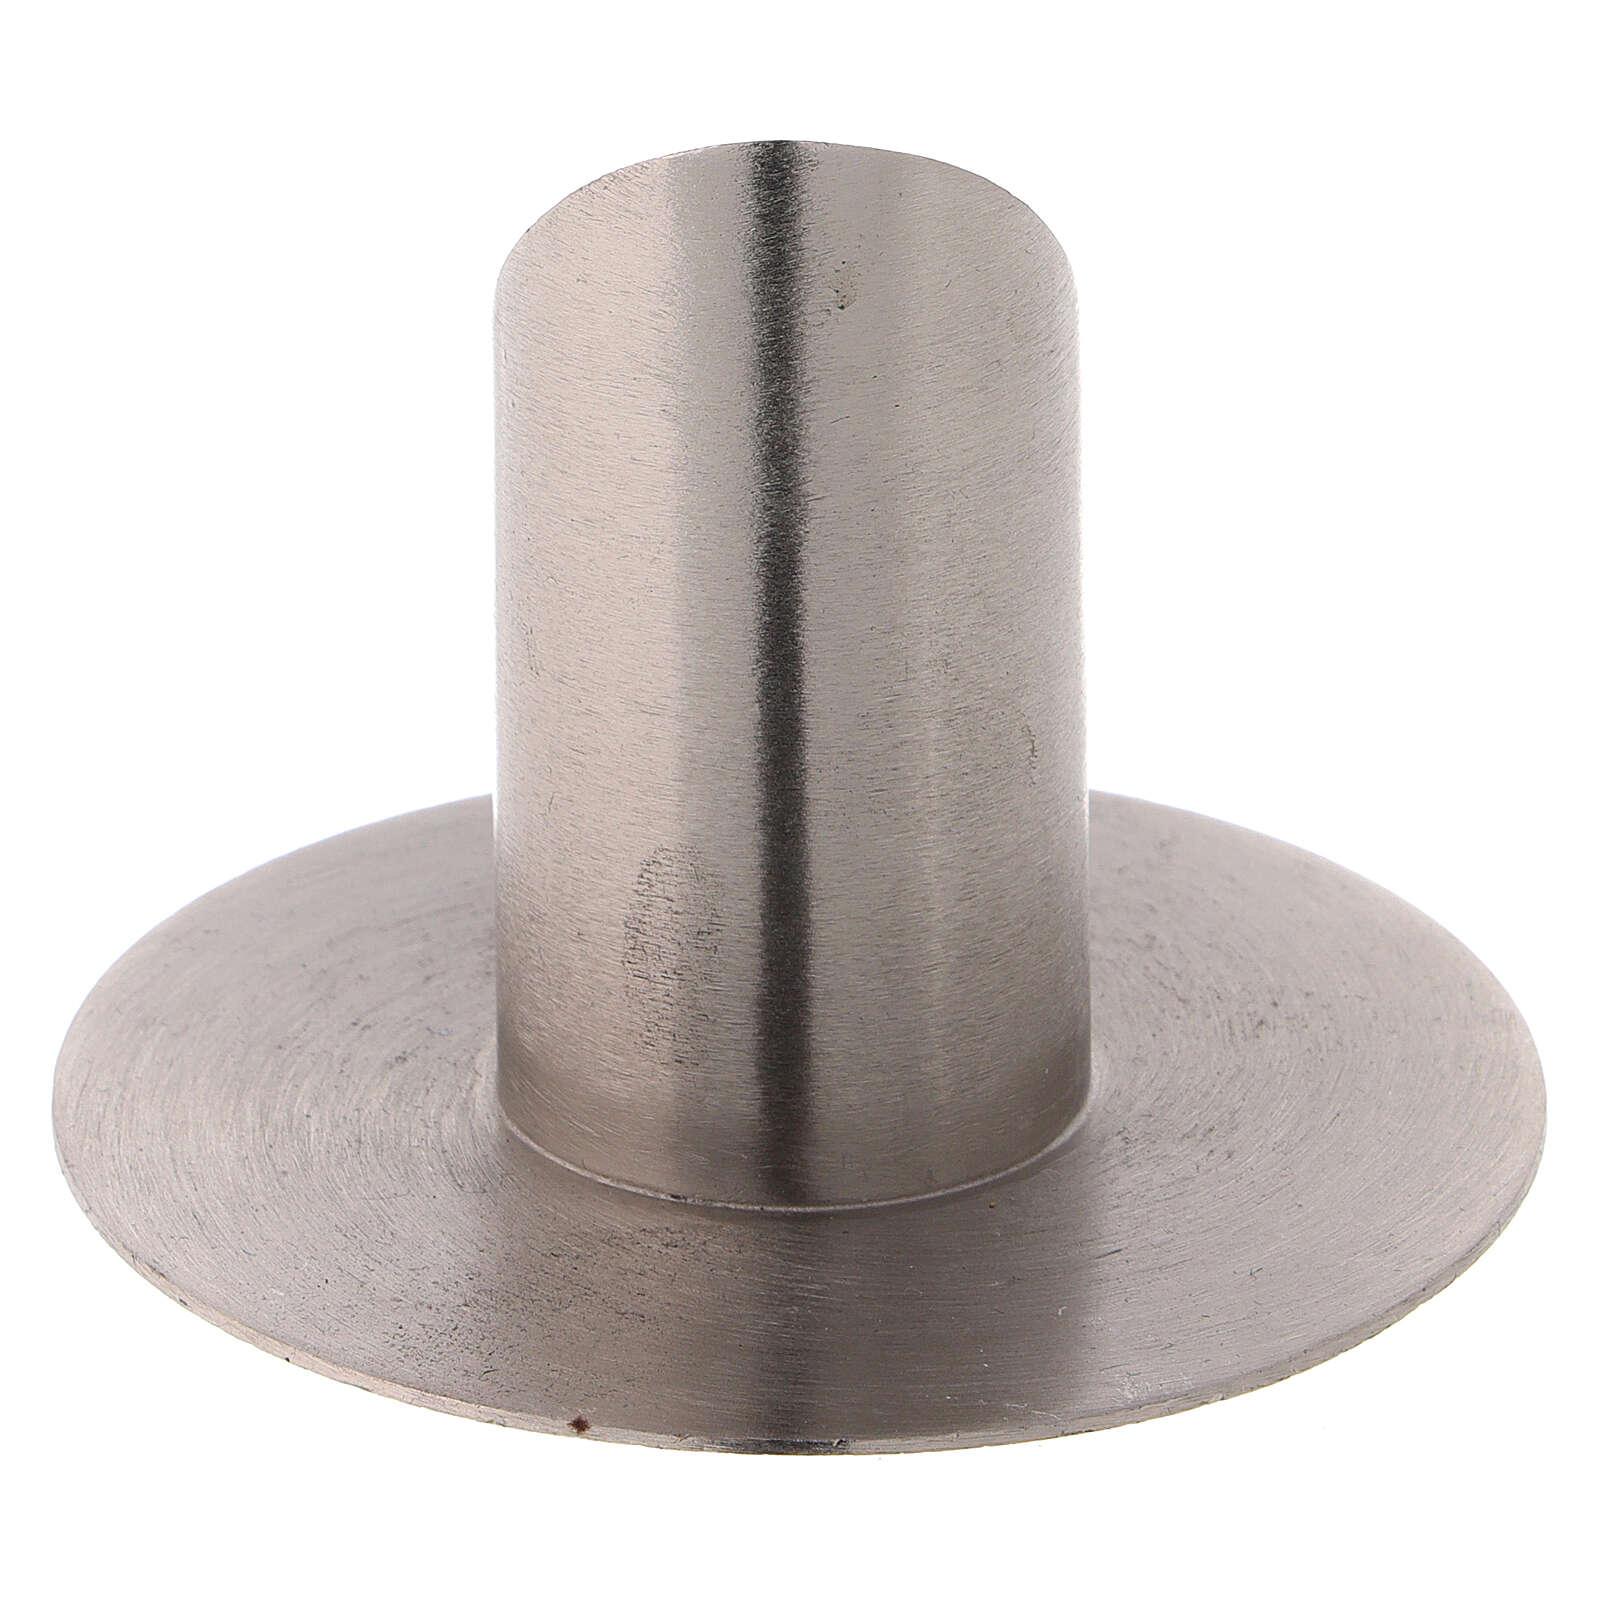 Porte-cierge laiton nickelé satiné 3 cm oblique 4